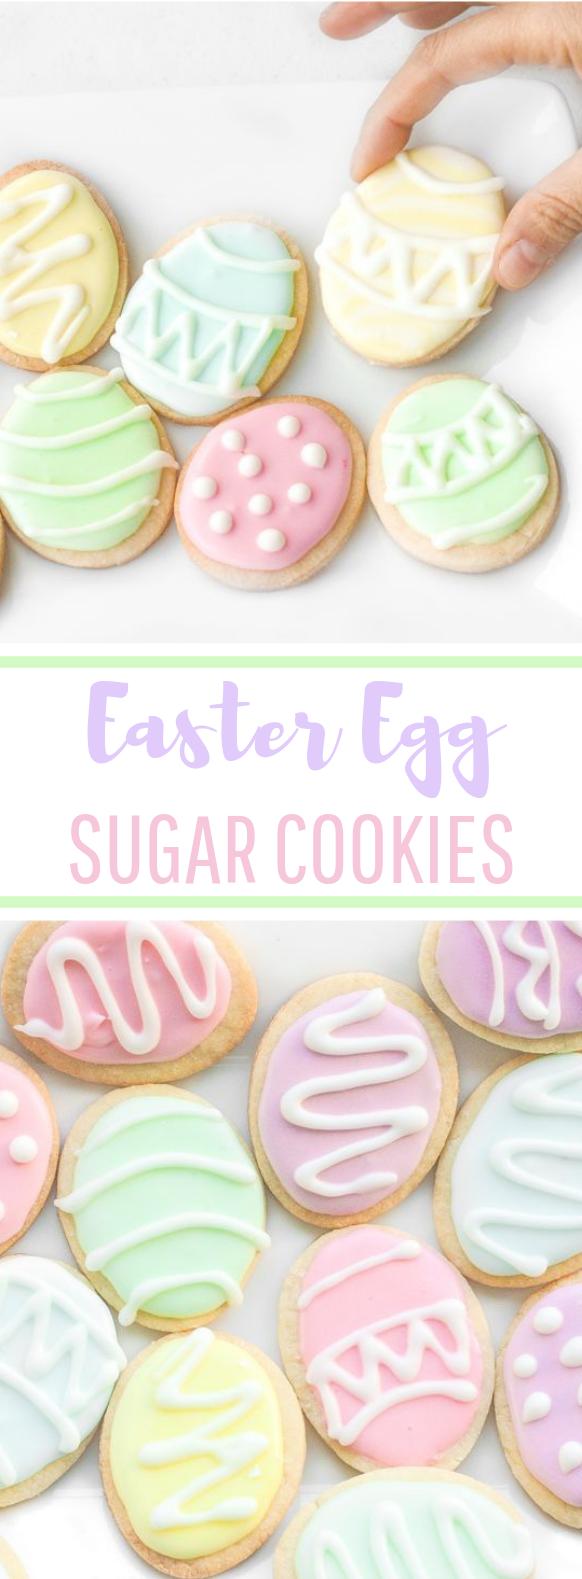 Easter Egg Sugar Cookies #cookies #easydessert